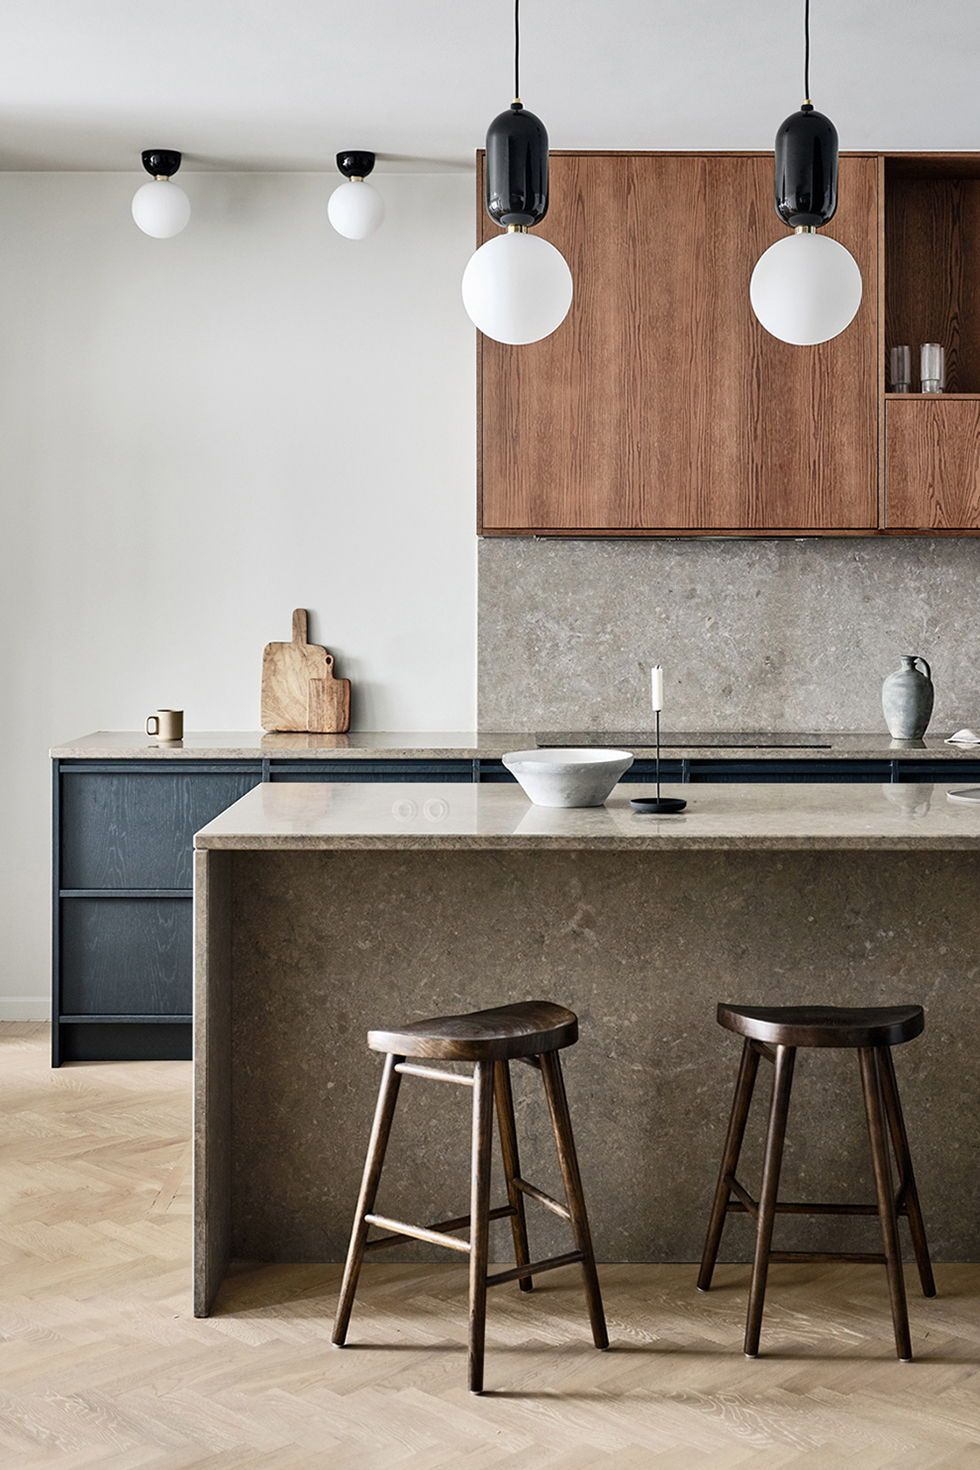 Innenarchitektur Cuisine Design Küchen   Olina Stahl Küchenmöbel